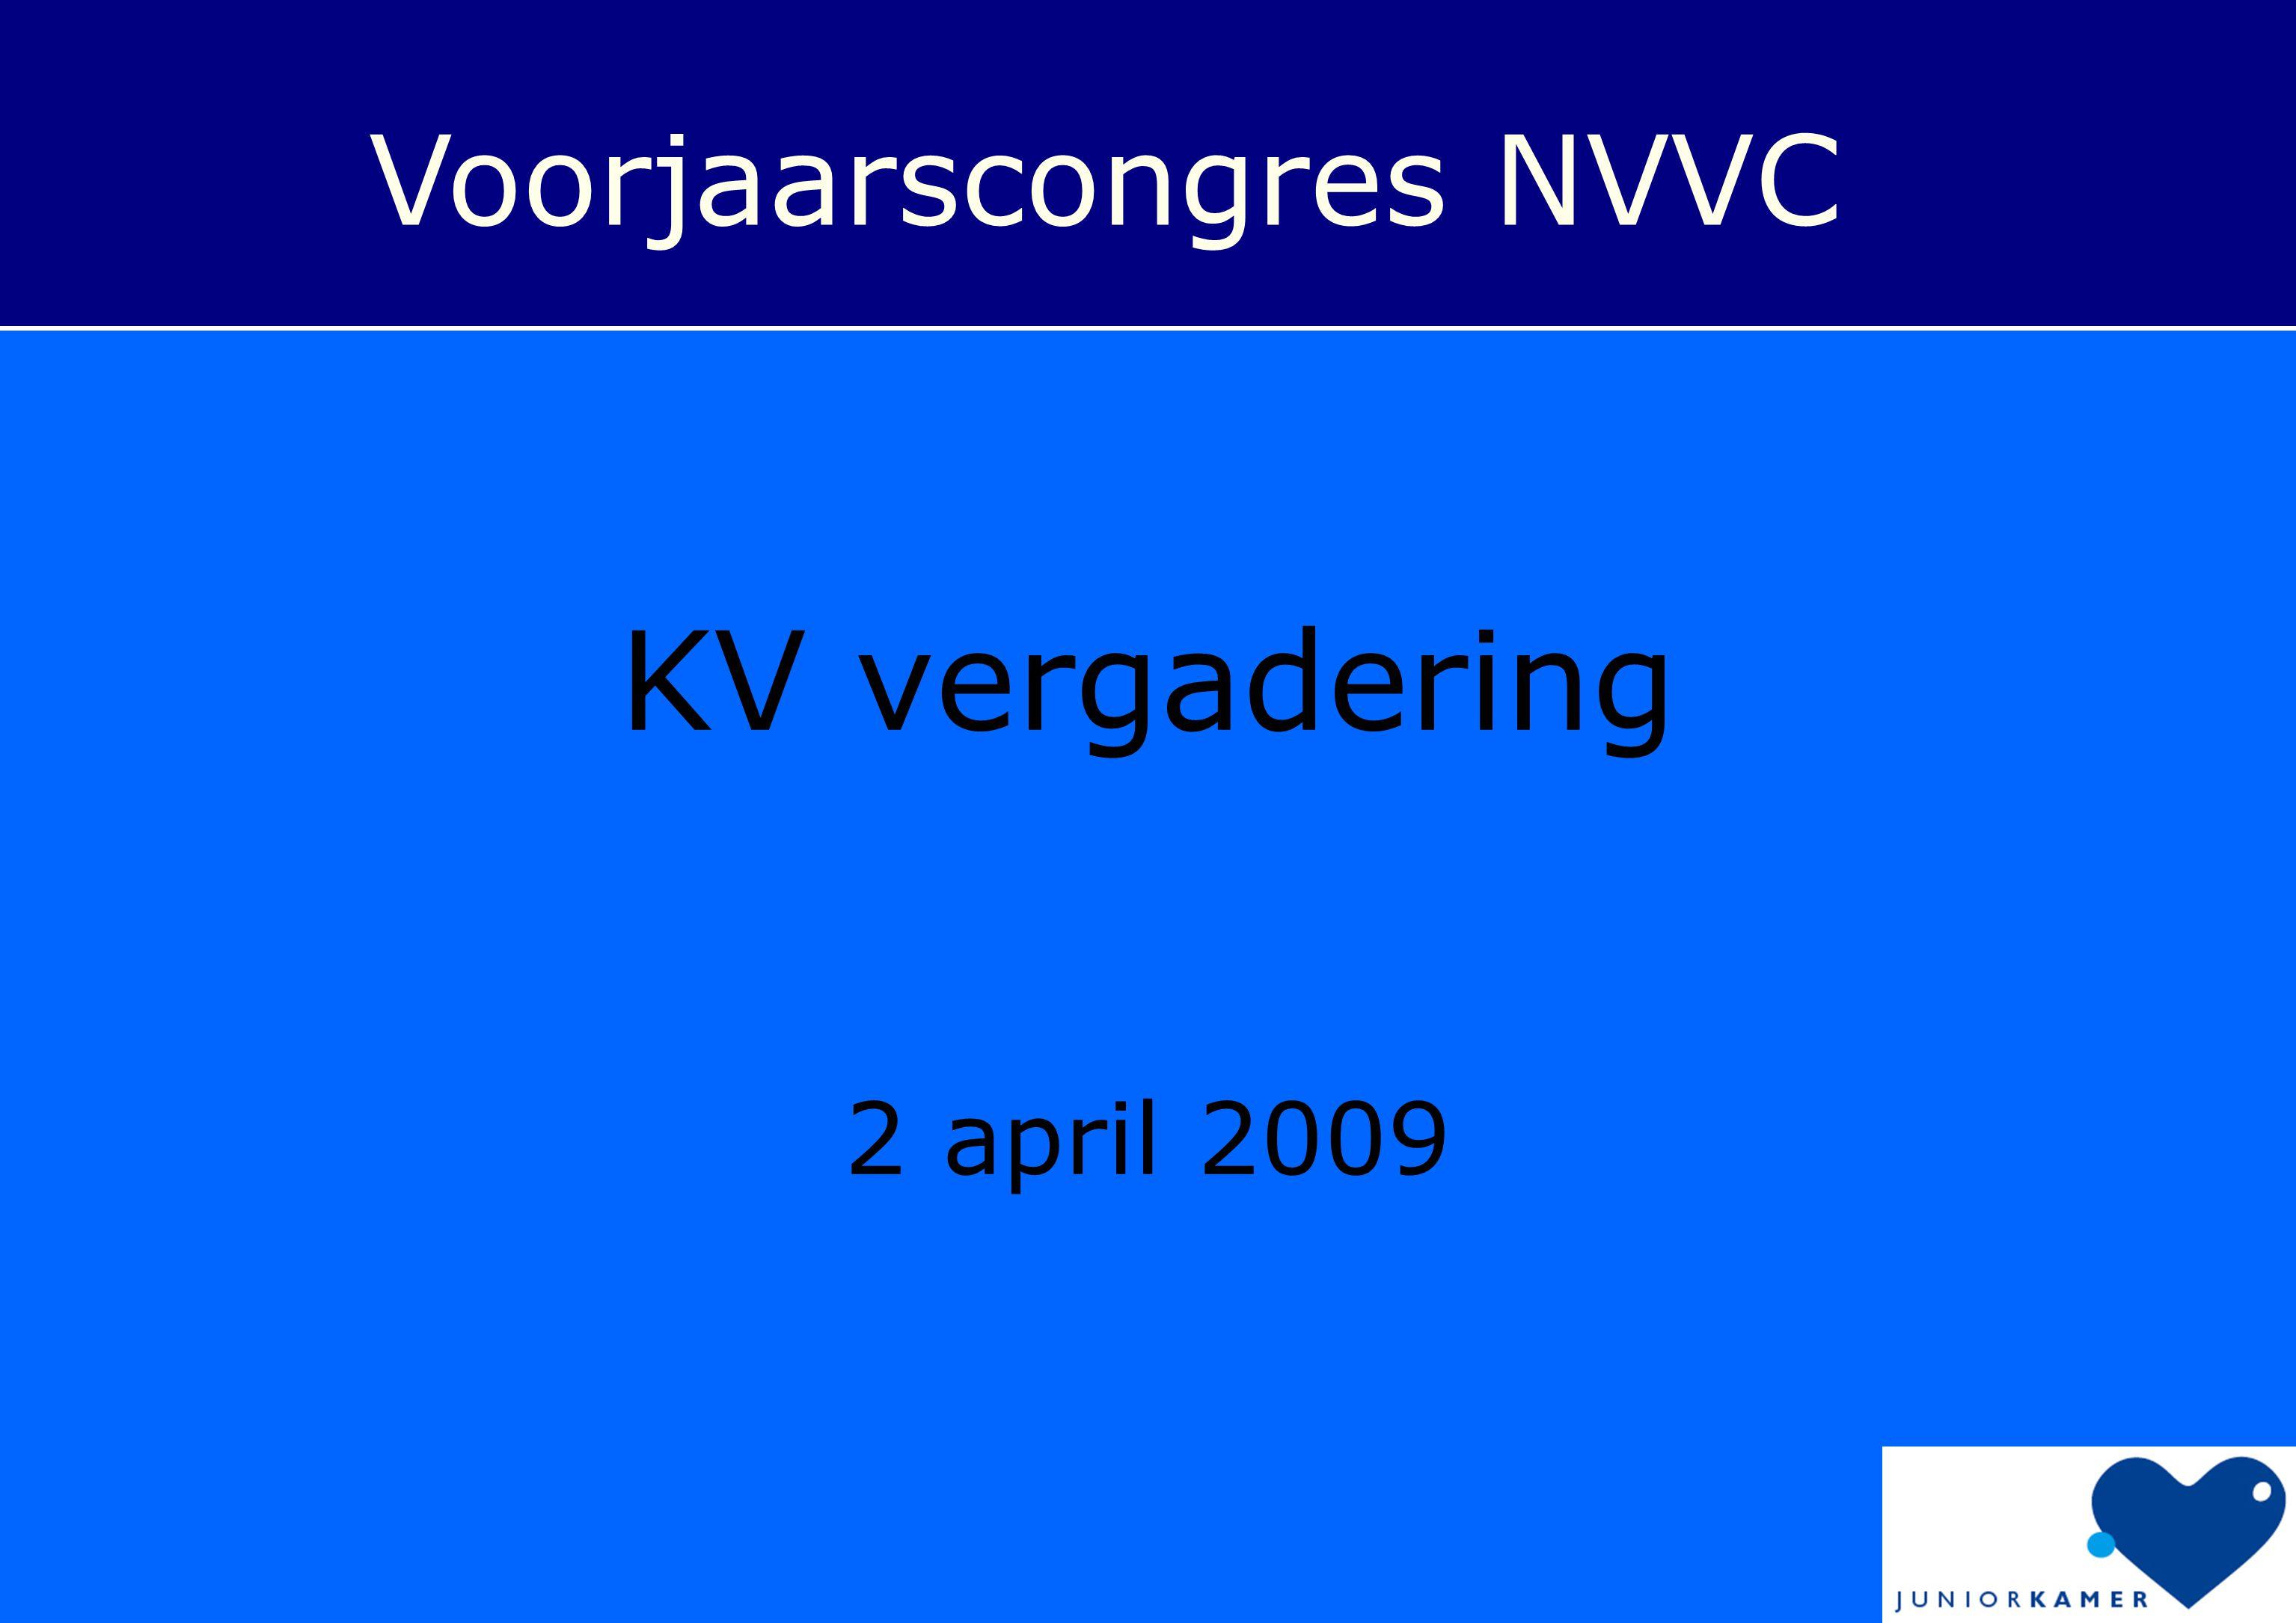 KV vergadering 2 april 2009 Voorjaarscongres NVVC